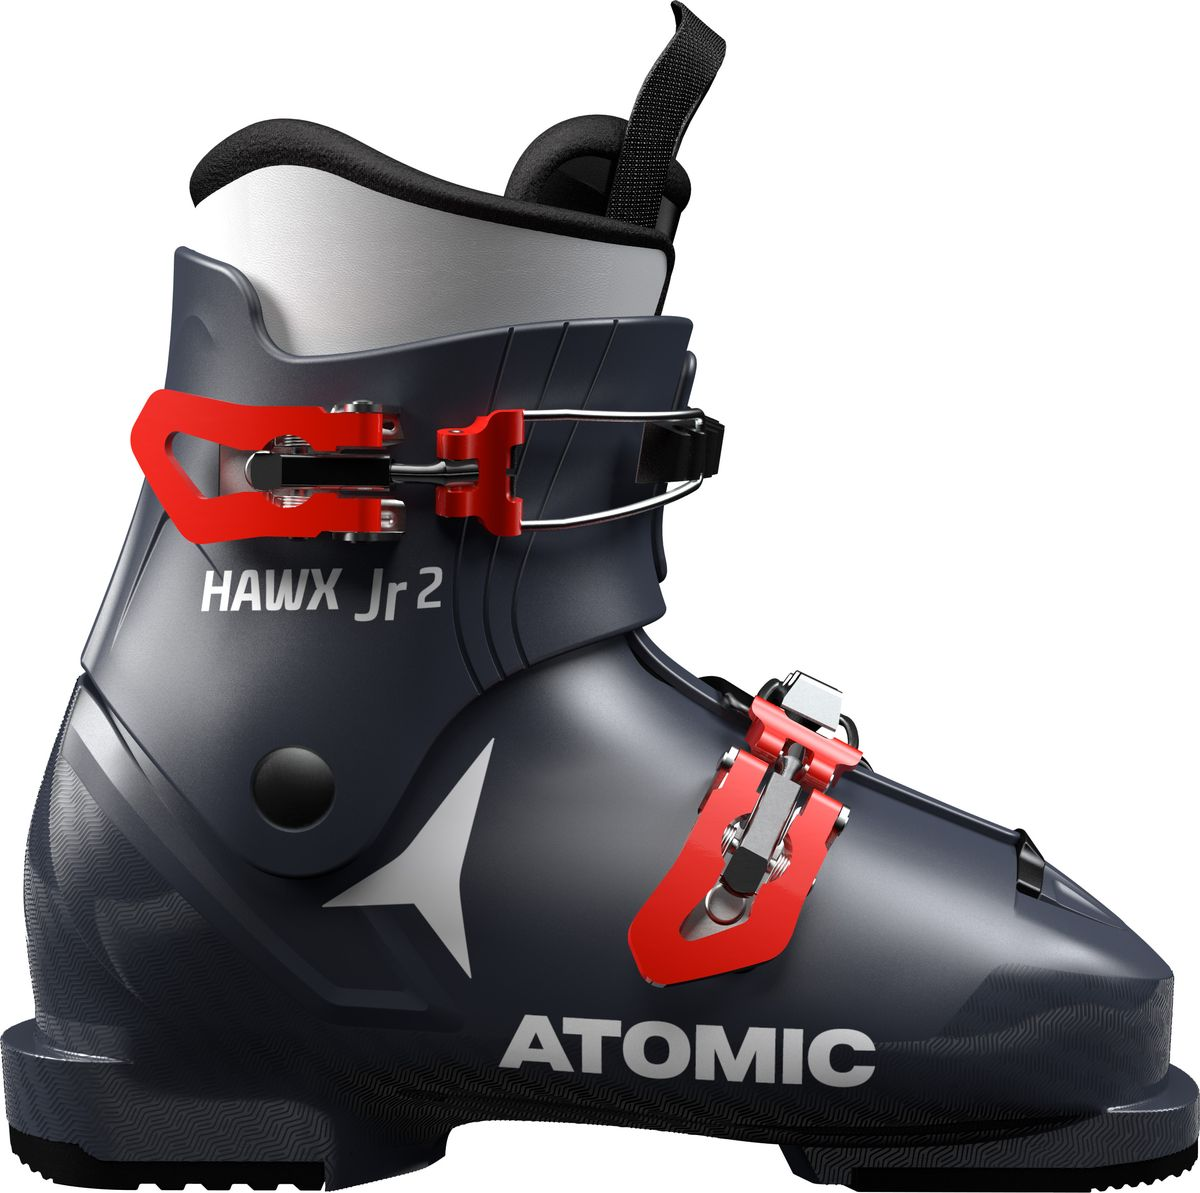 Ботинки горнолыжные Atomic Hawx Jr 3, цвет: темно-синий, зеленый. Размер 34,5/35